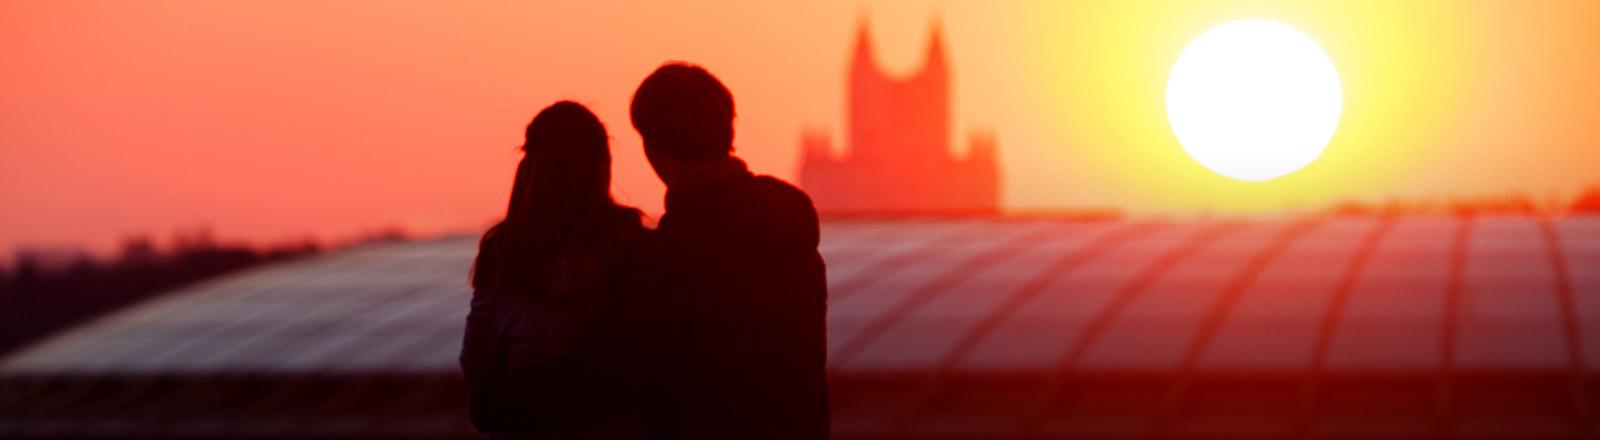 Ein Mann und eine Frau betrachten eine Stadt beim Sonnenuntergang